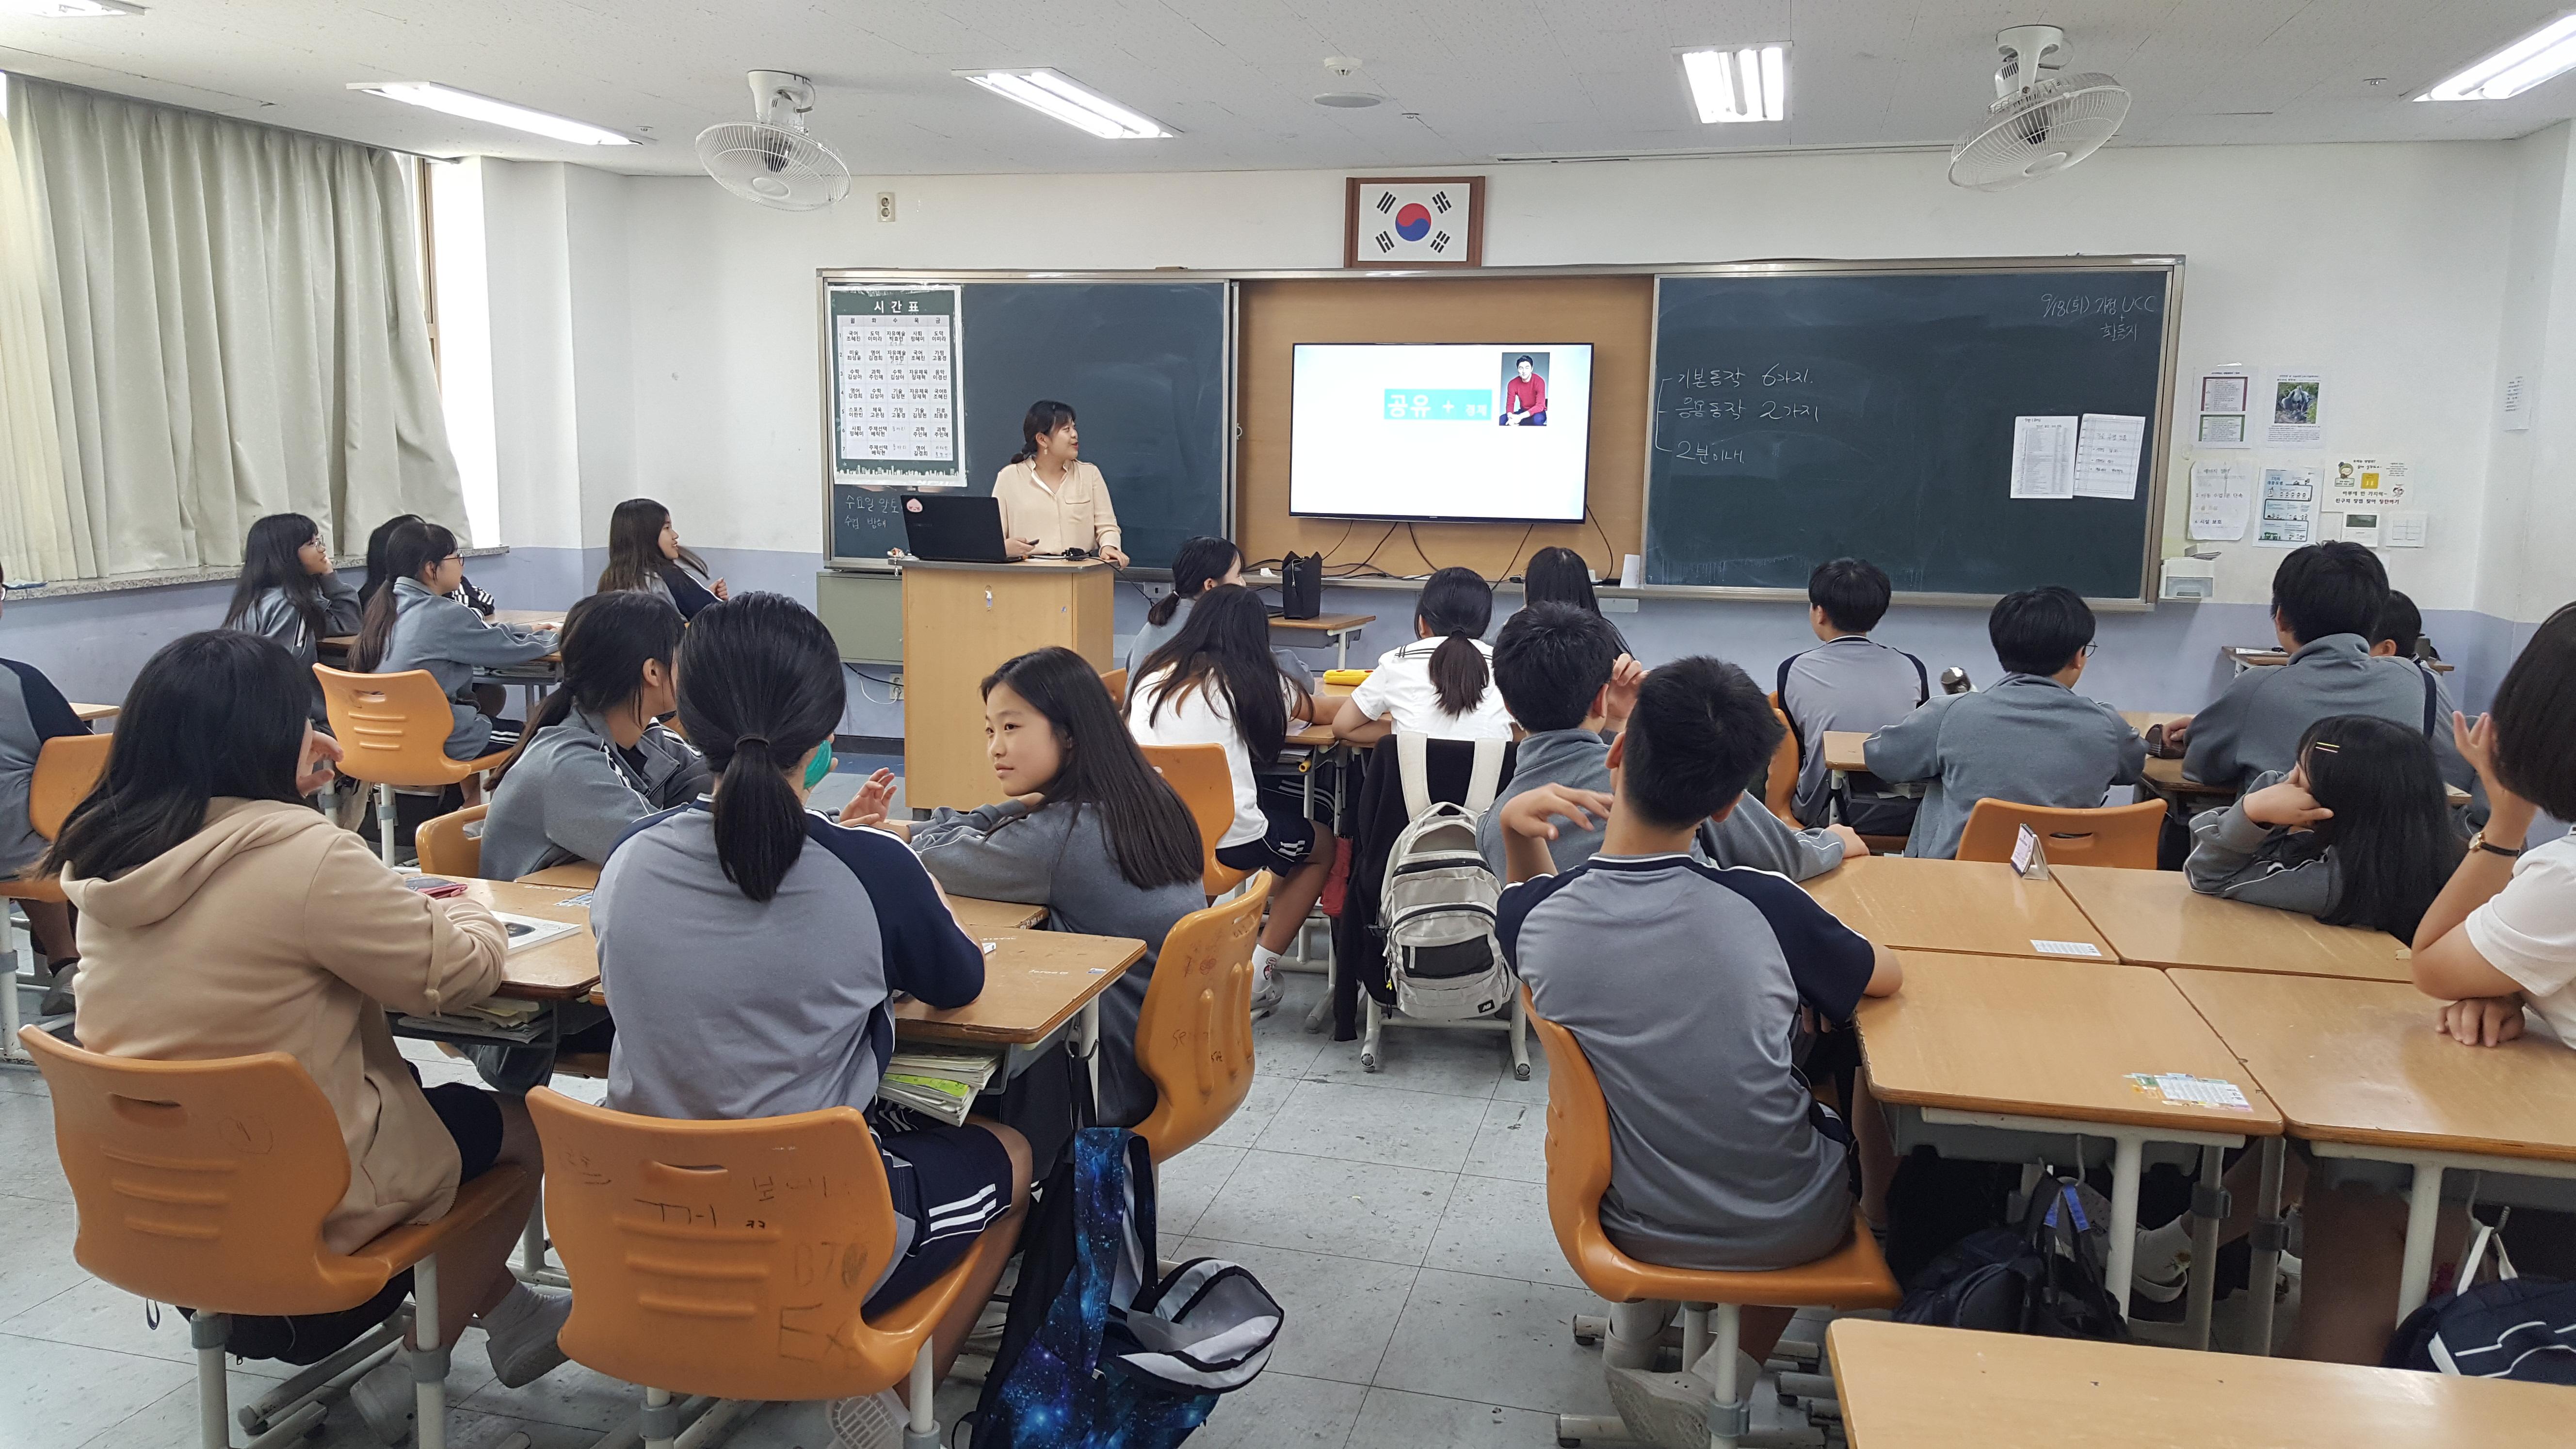 2018 09 18 상암중학교 사진01